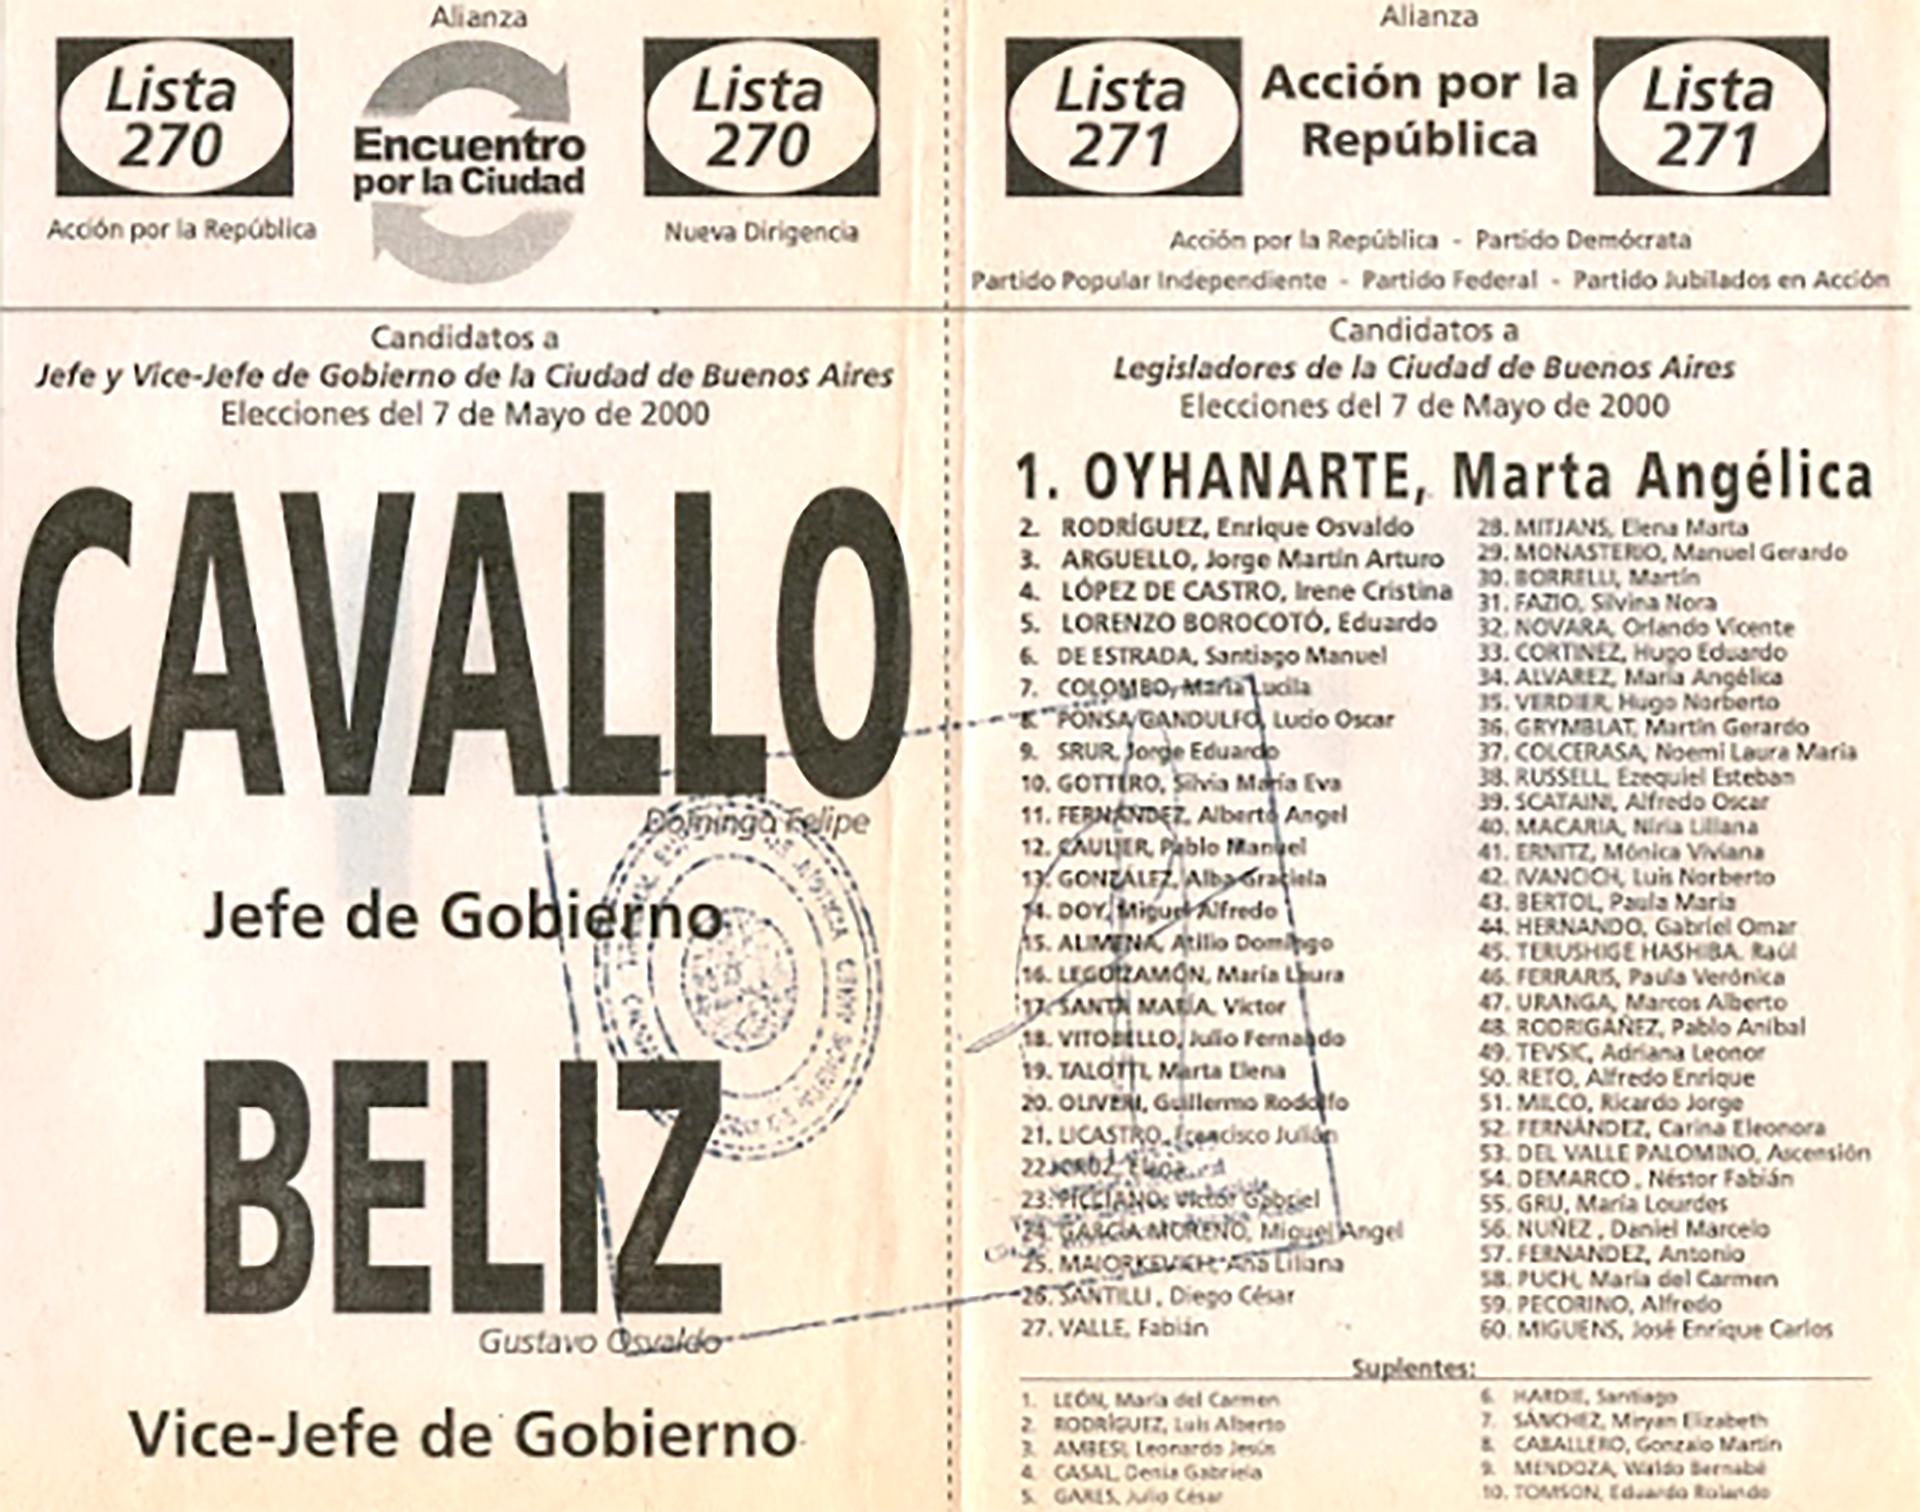 El único cargo electivo que ganó, antes de ser elegido Presidente, fue como legislador porteño en la boleta de la Alianza Encuentro por la Ciudad en las elecciones para jefe de Gobierno porteño. El binomio Domingo Cavallo-Gustavo Béliz perdió contra Aníbal Ibarra y Cecilia Felgueras, pero como obtuvo el 33 % de los votos.